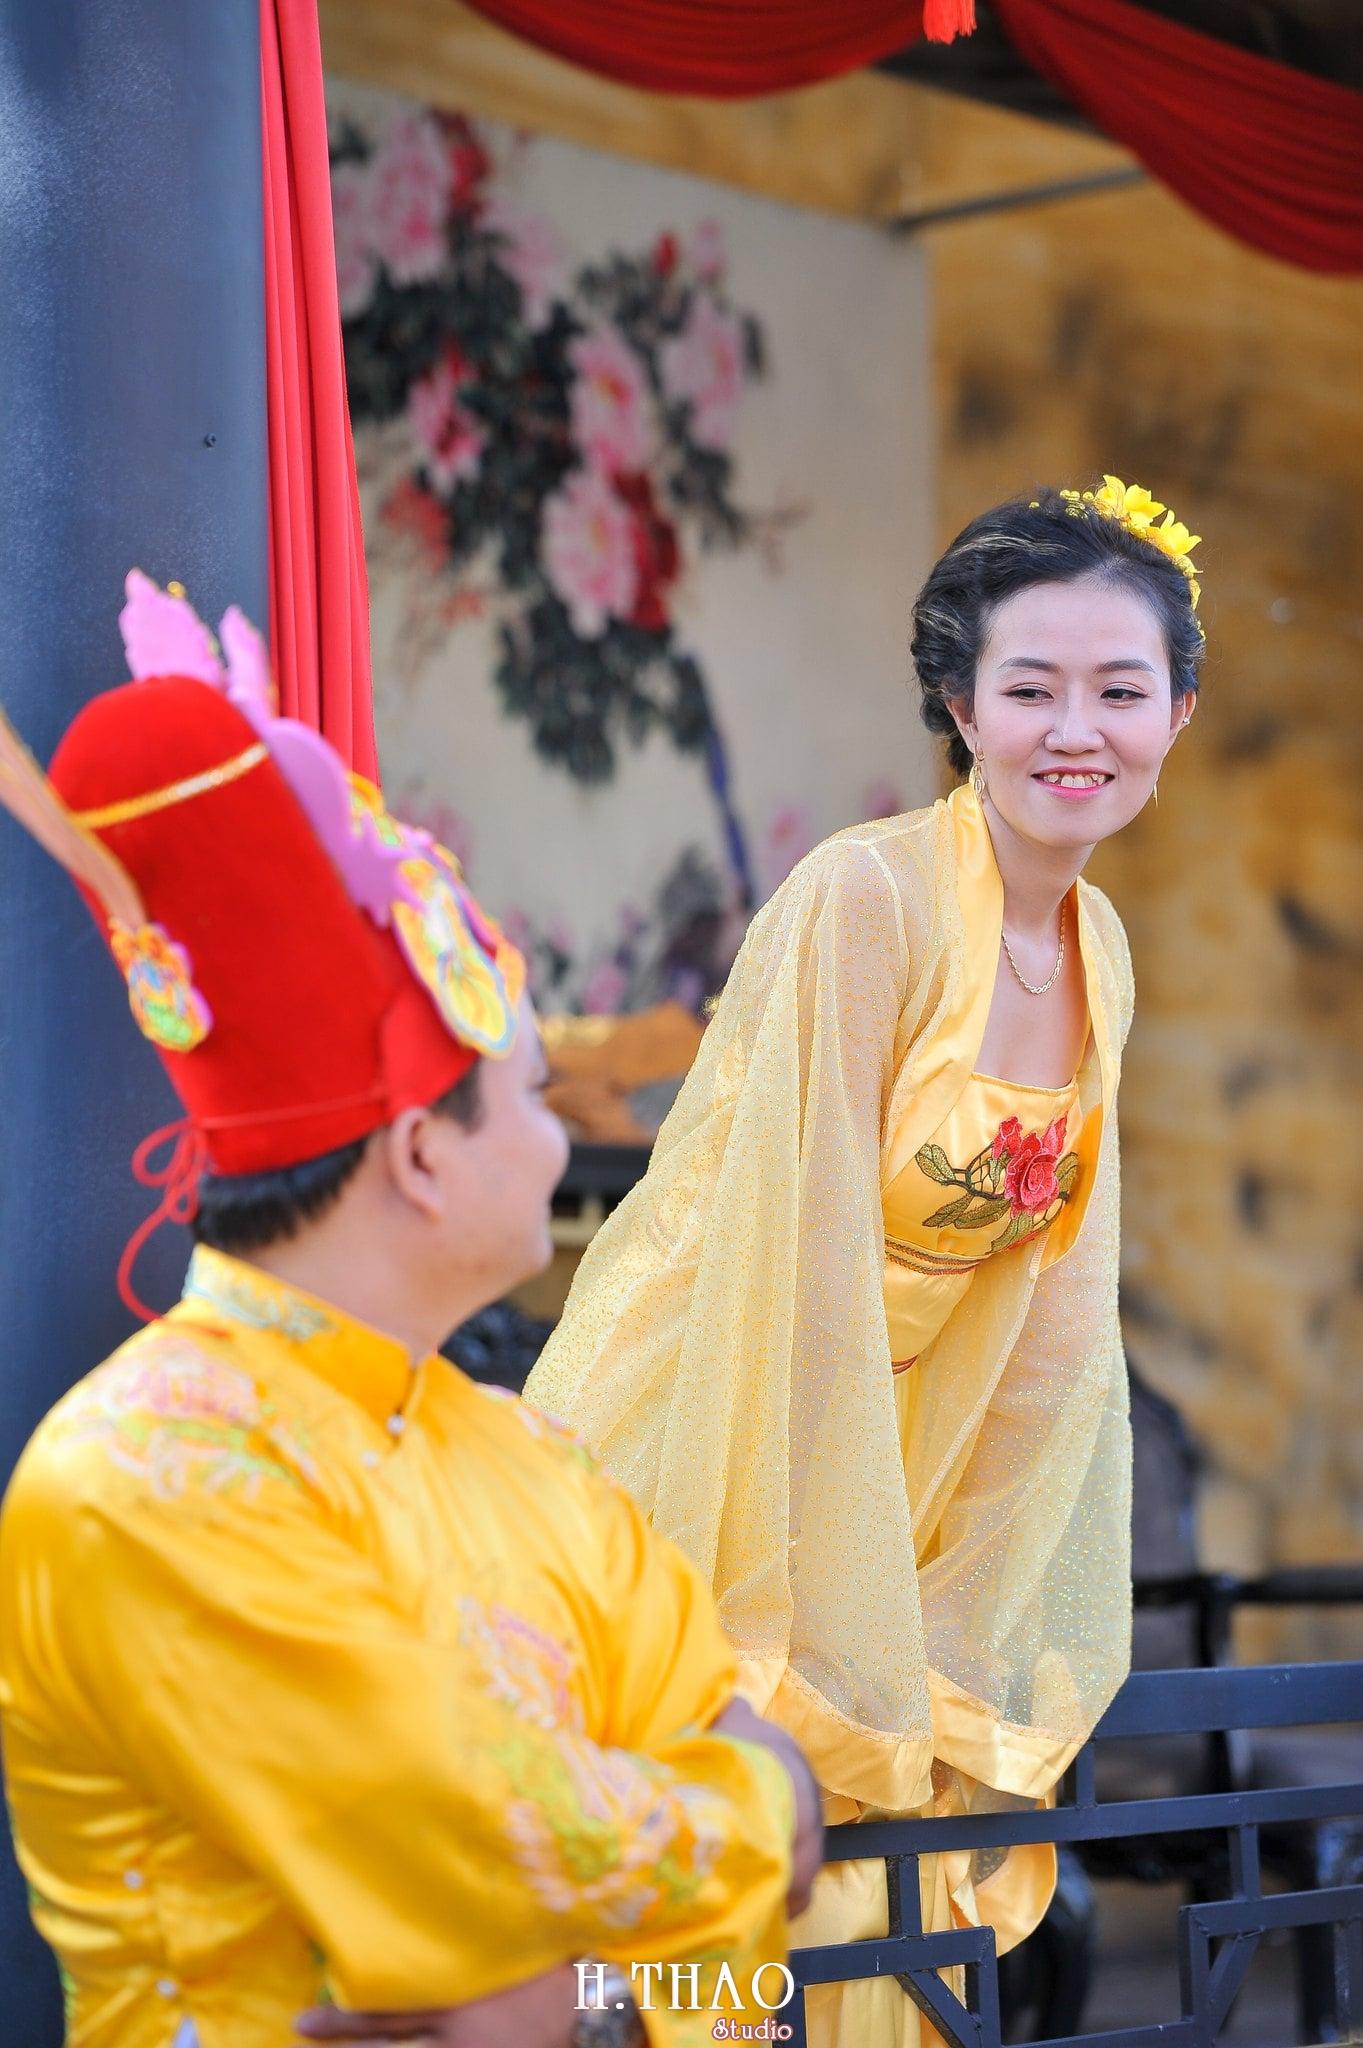 Anh co trang vua va hoang hau 12 - Bộ ảnh couple chụp theo phong cách cổ trang Vua - Hoàng Hậu